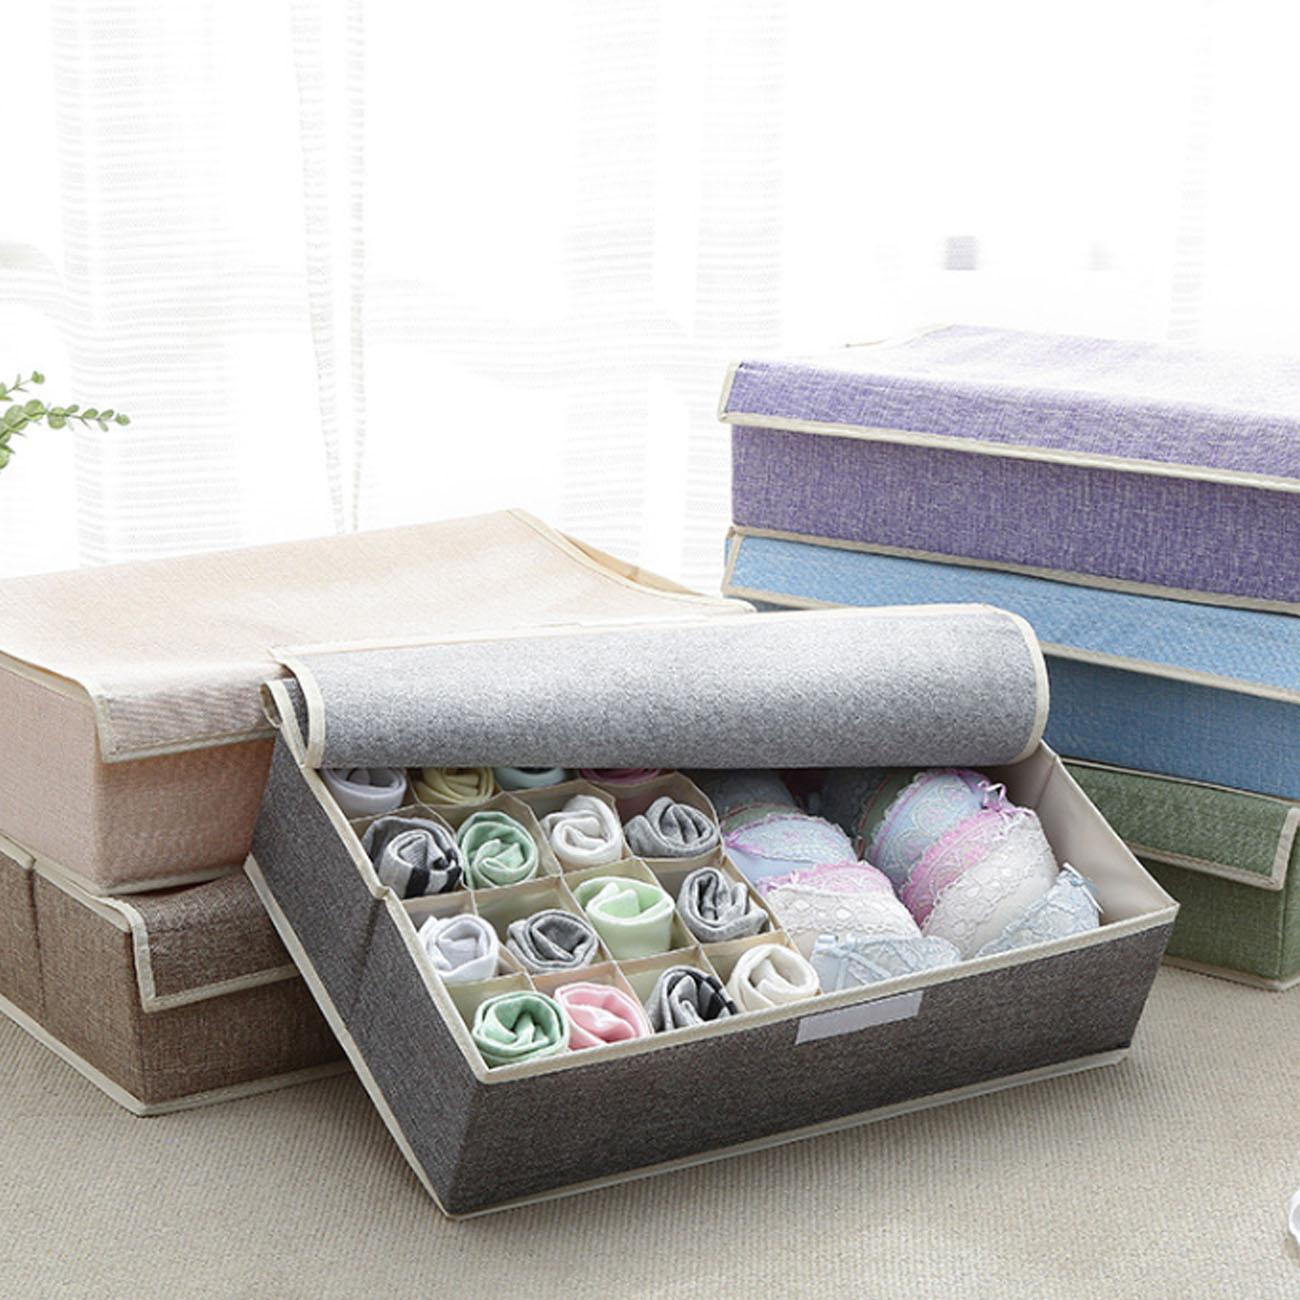 7 farben Baumwolle und Leinen Unterwäsche Lagerung Box Multi Grids Closet Organizer Für Bh Socken Höschen